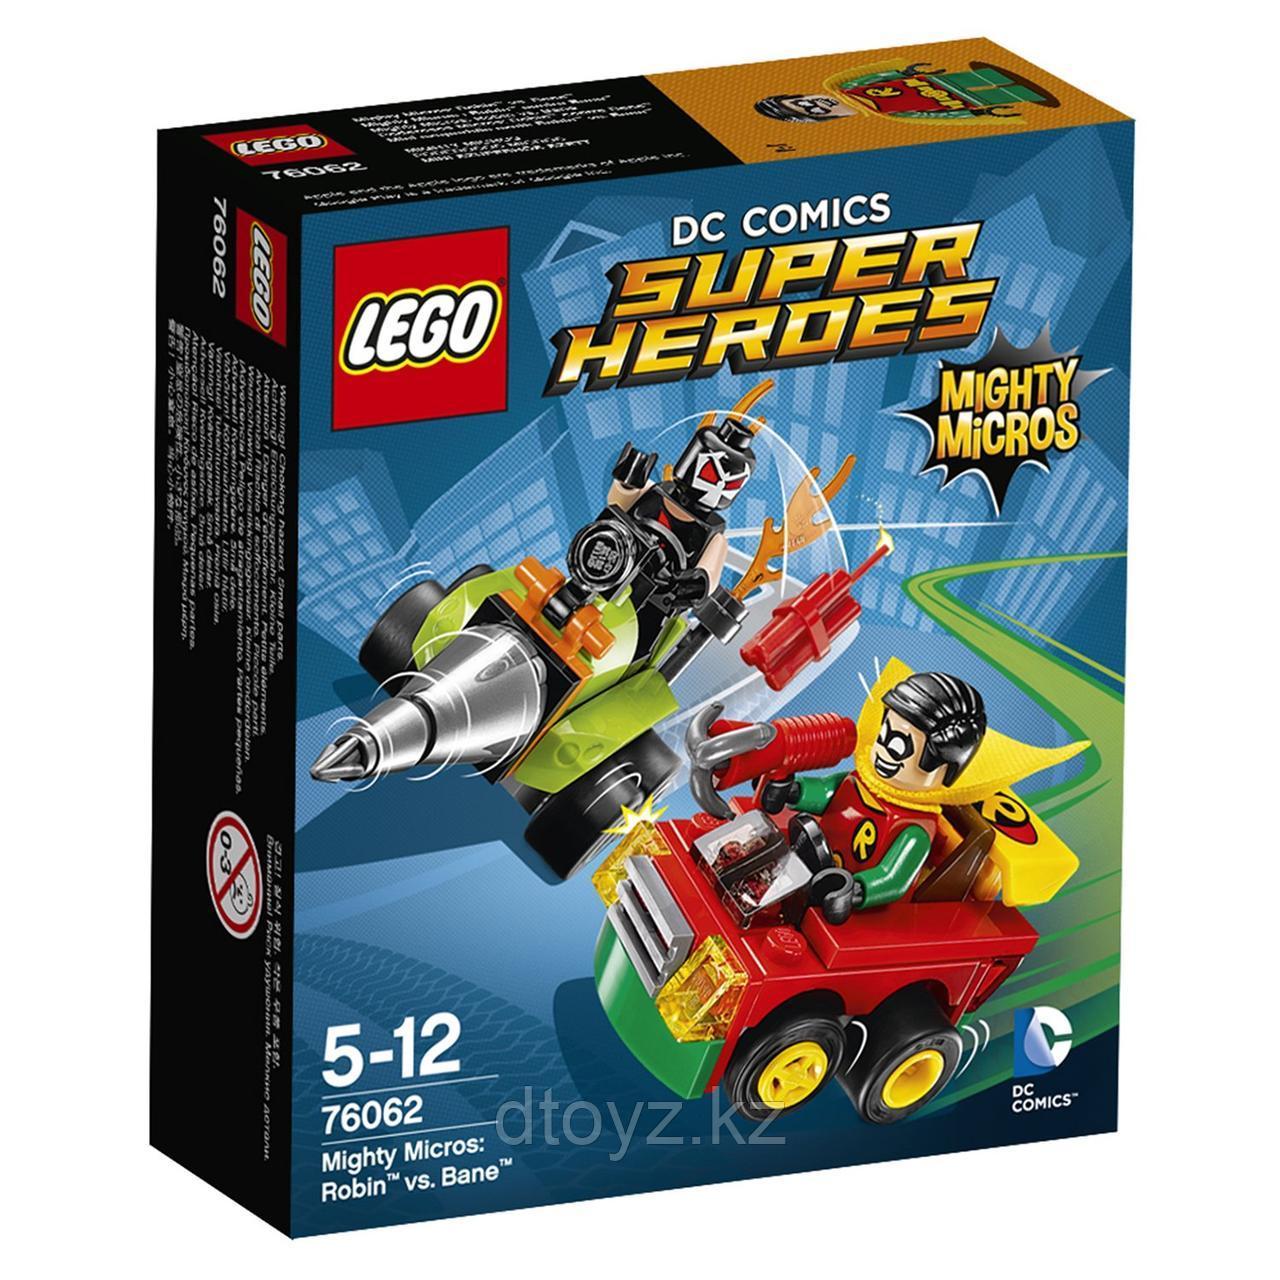 Lego DC Comics Super Heroes Робин против Бэйна (76062)